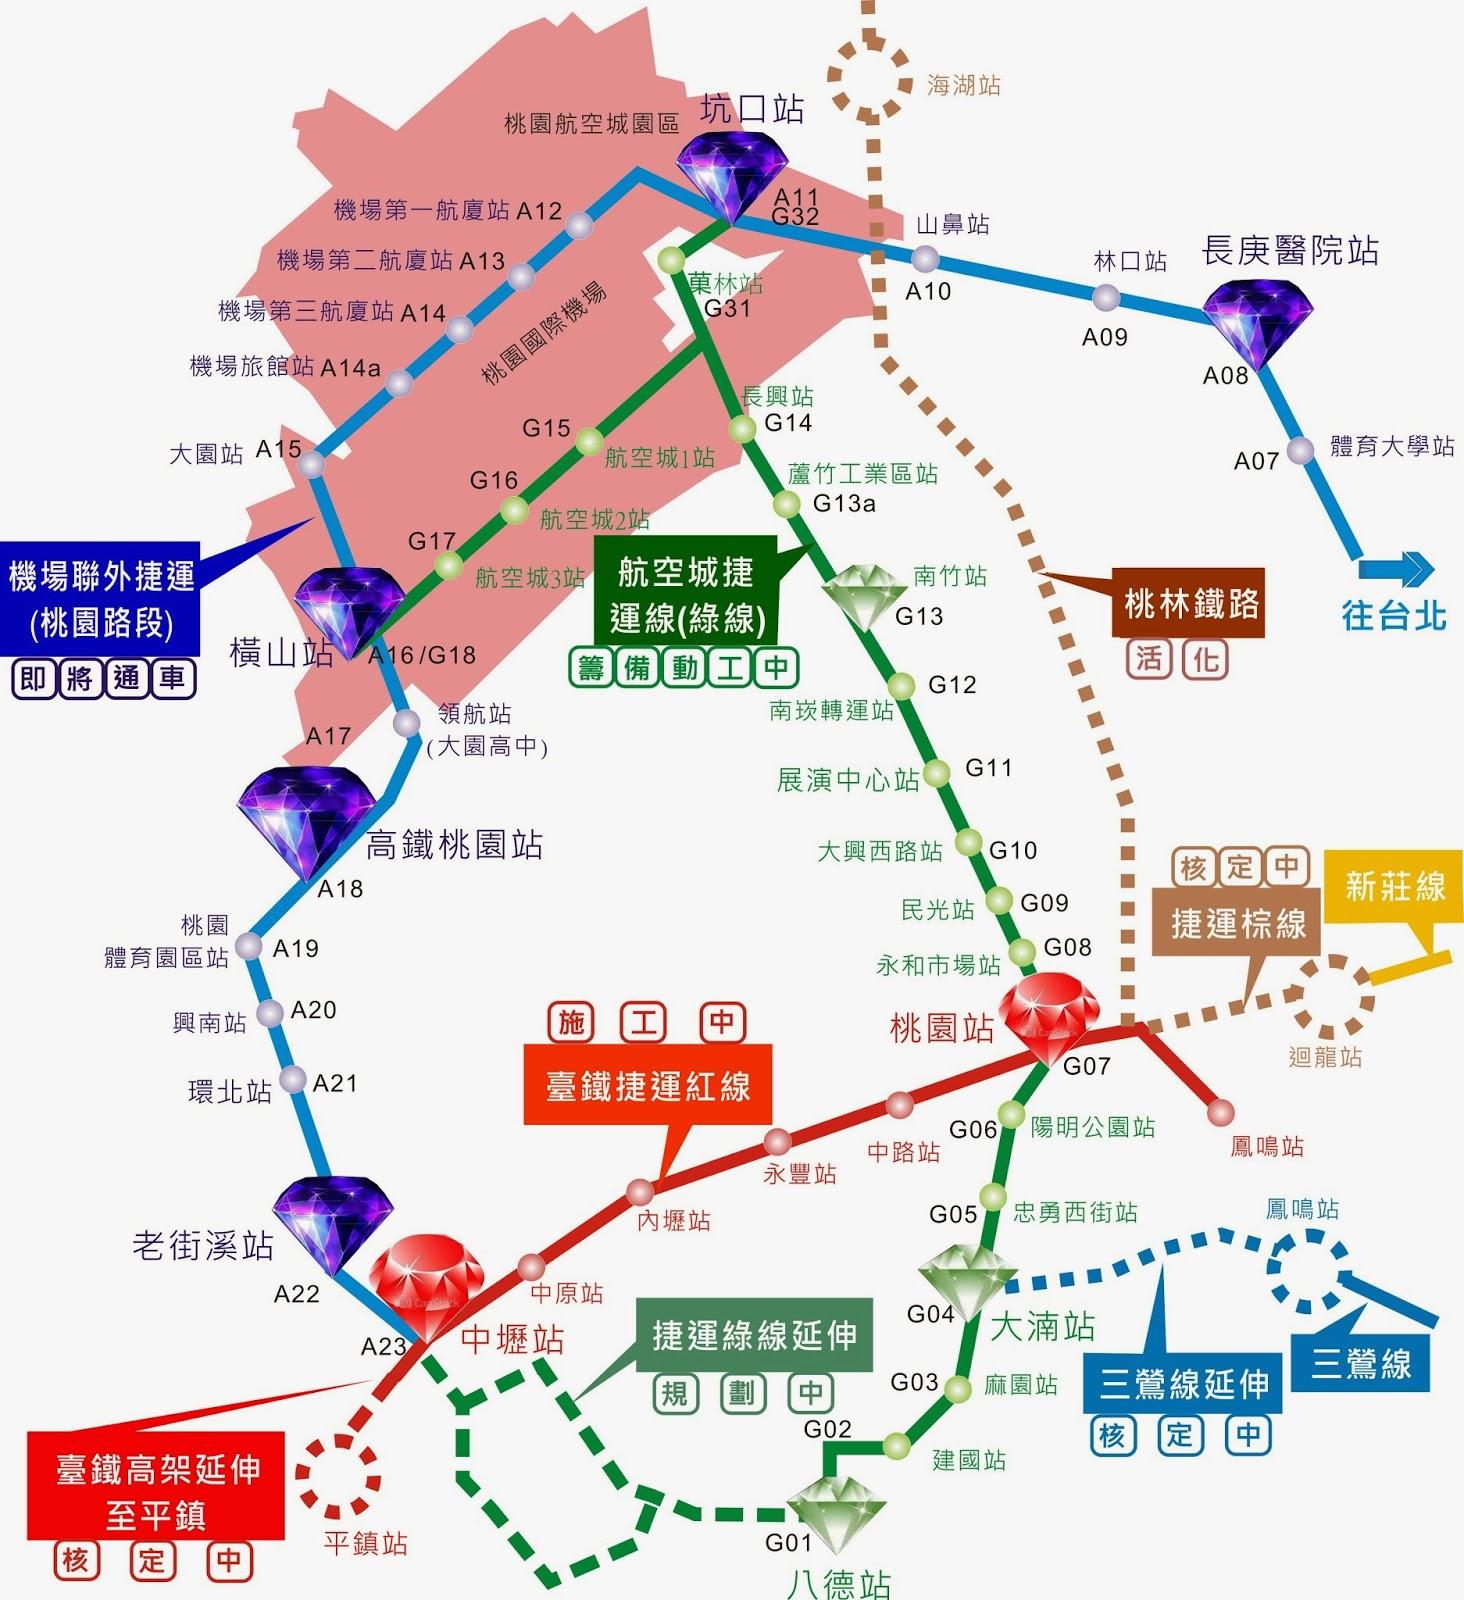 桃園捷運藍線進度 進度- 桃園捷運藍線進度 進度 - 快熱資訊 - 走進時代